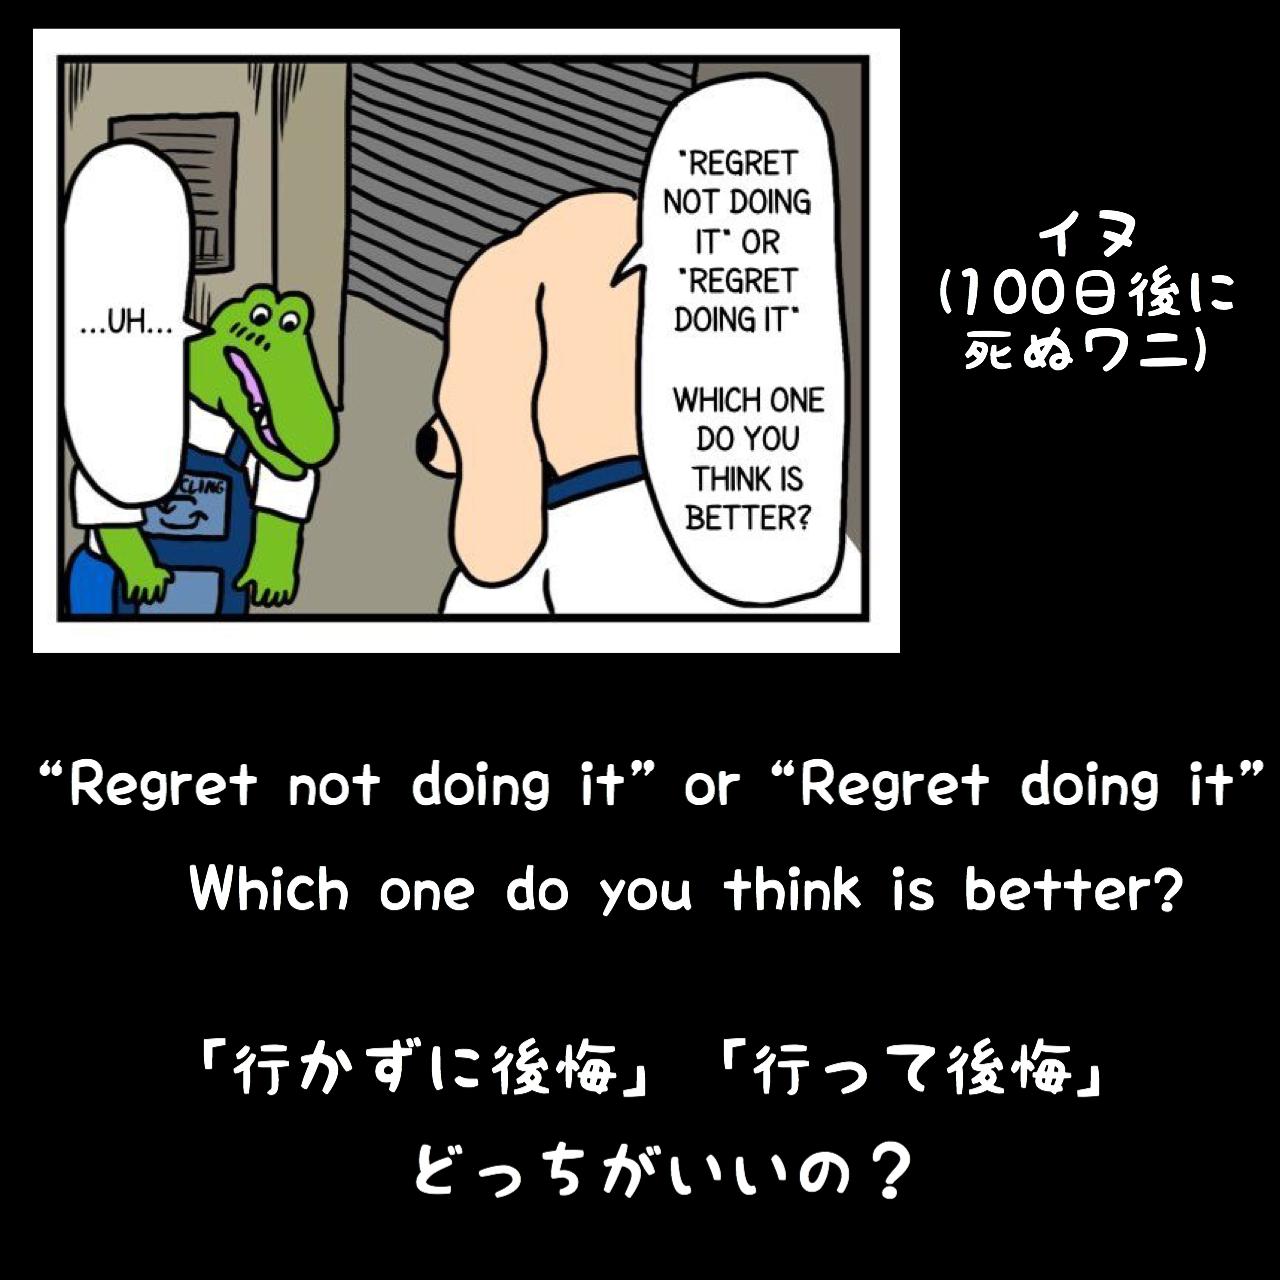 「行かずに後悔」「行って後悔」どっちがいいの? / イヌ(100日後に死ぬワニ)